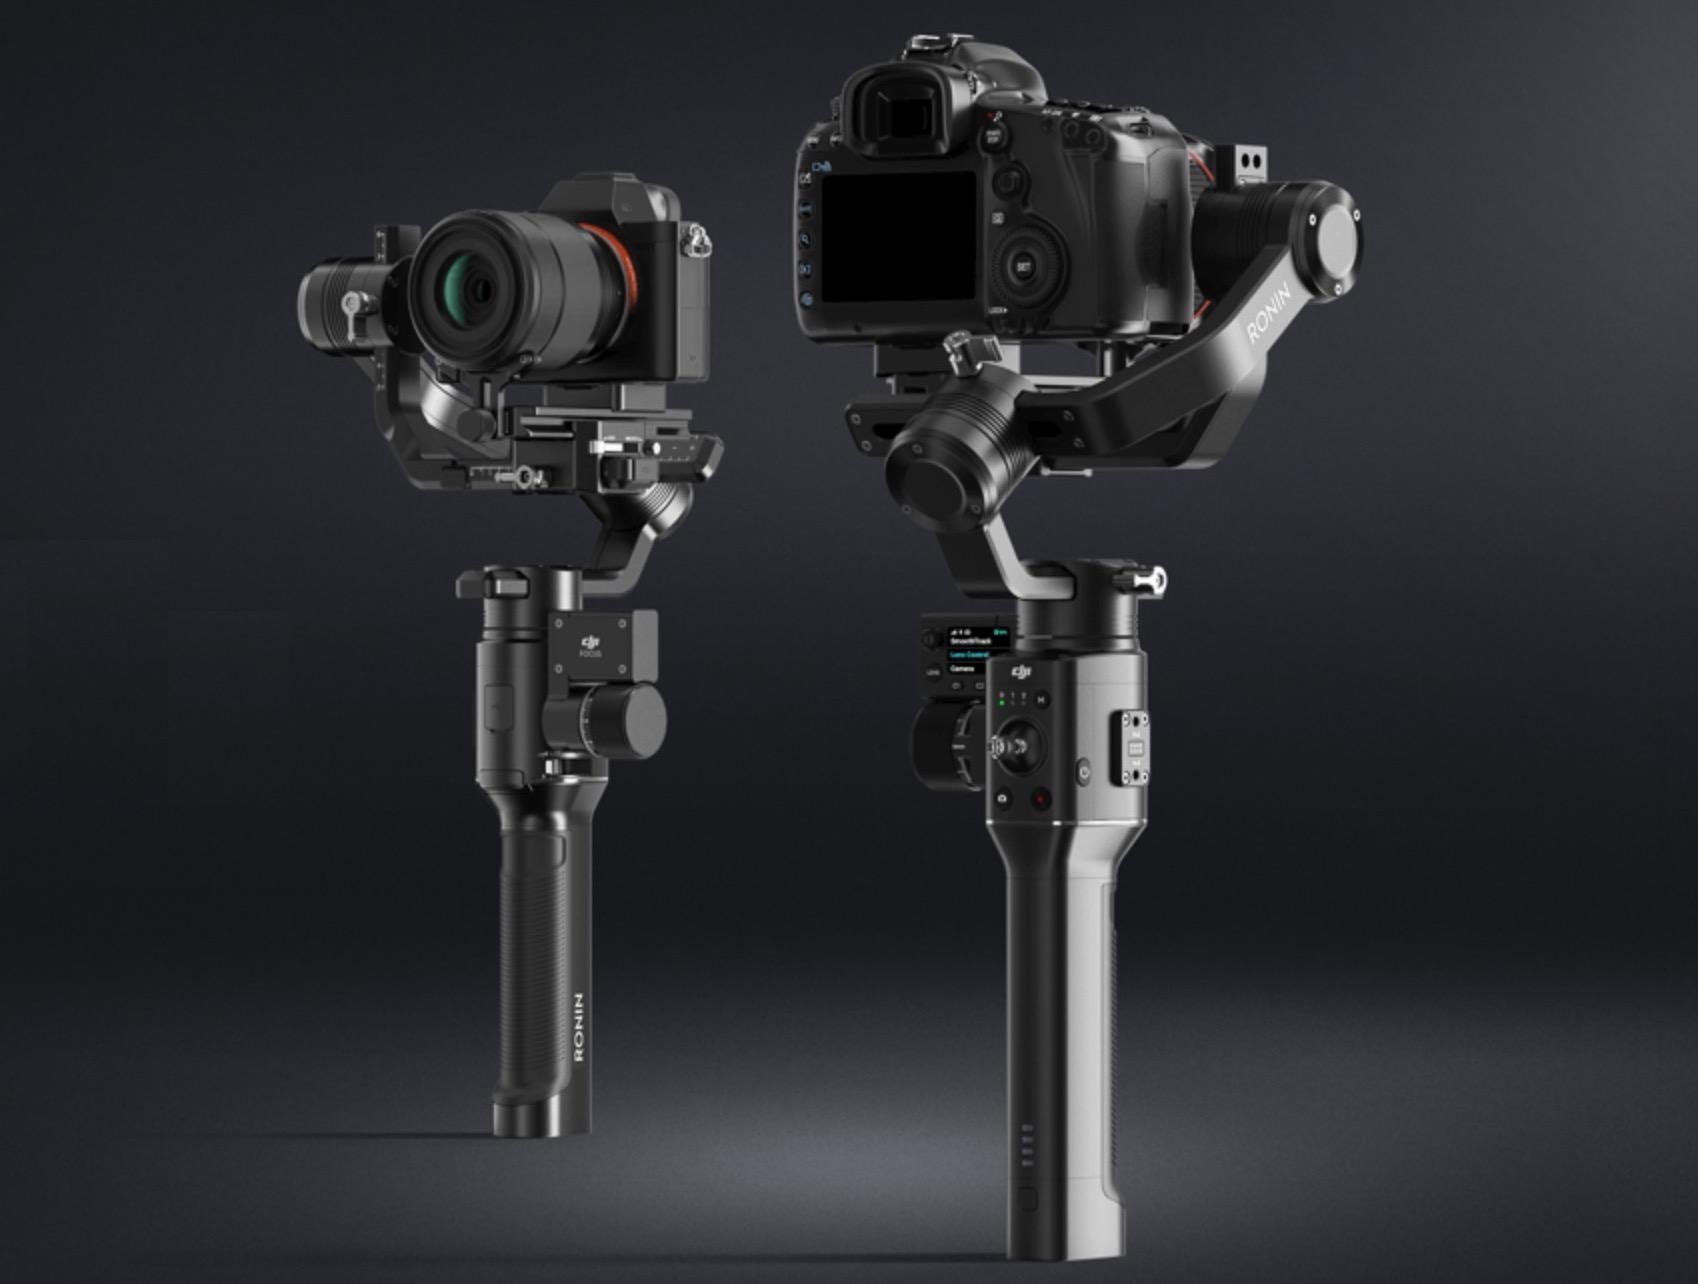 DJI、一眼カメラが利用できる片手用ジンバル「Ronin-S」発表